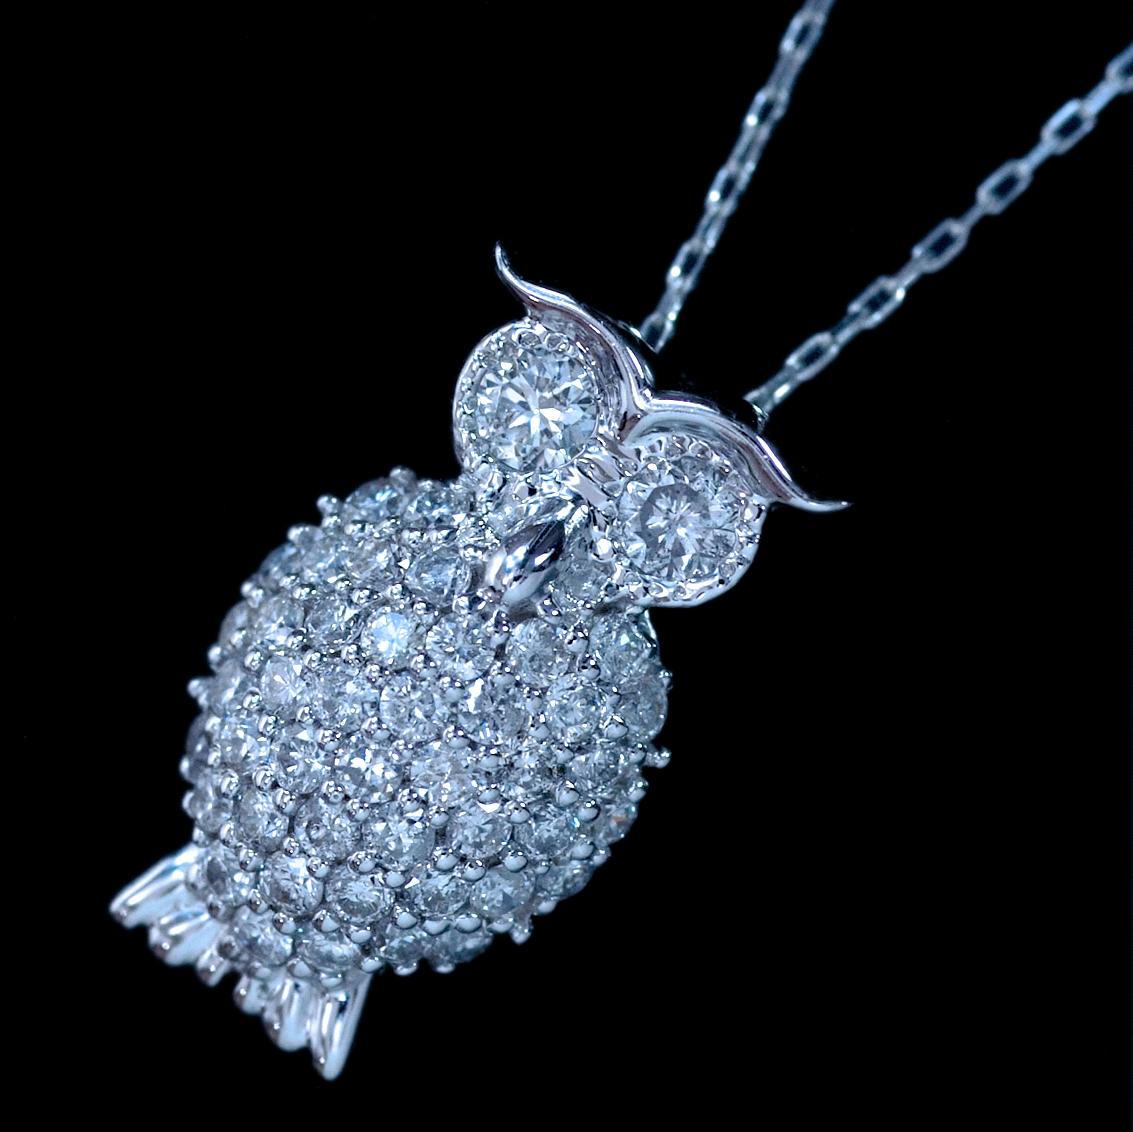 *PN5981【Owl Diamond Necklace】オウルダイヤモンドネックレス 天然絶品ダイヤモンド0.45ct 最高級18金WG無垢ネックレス 新品